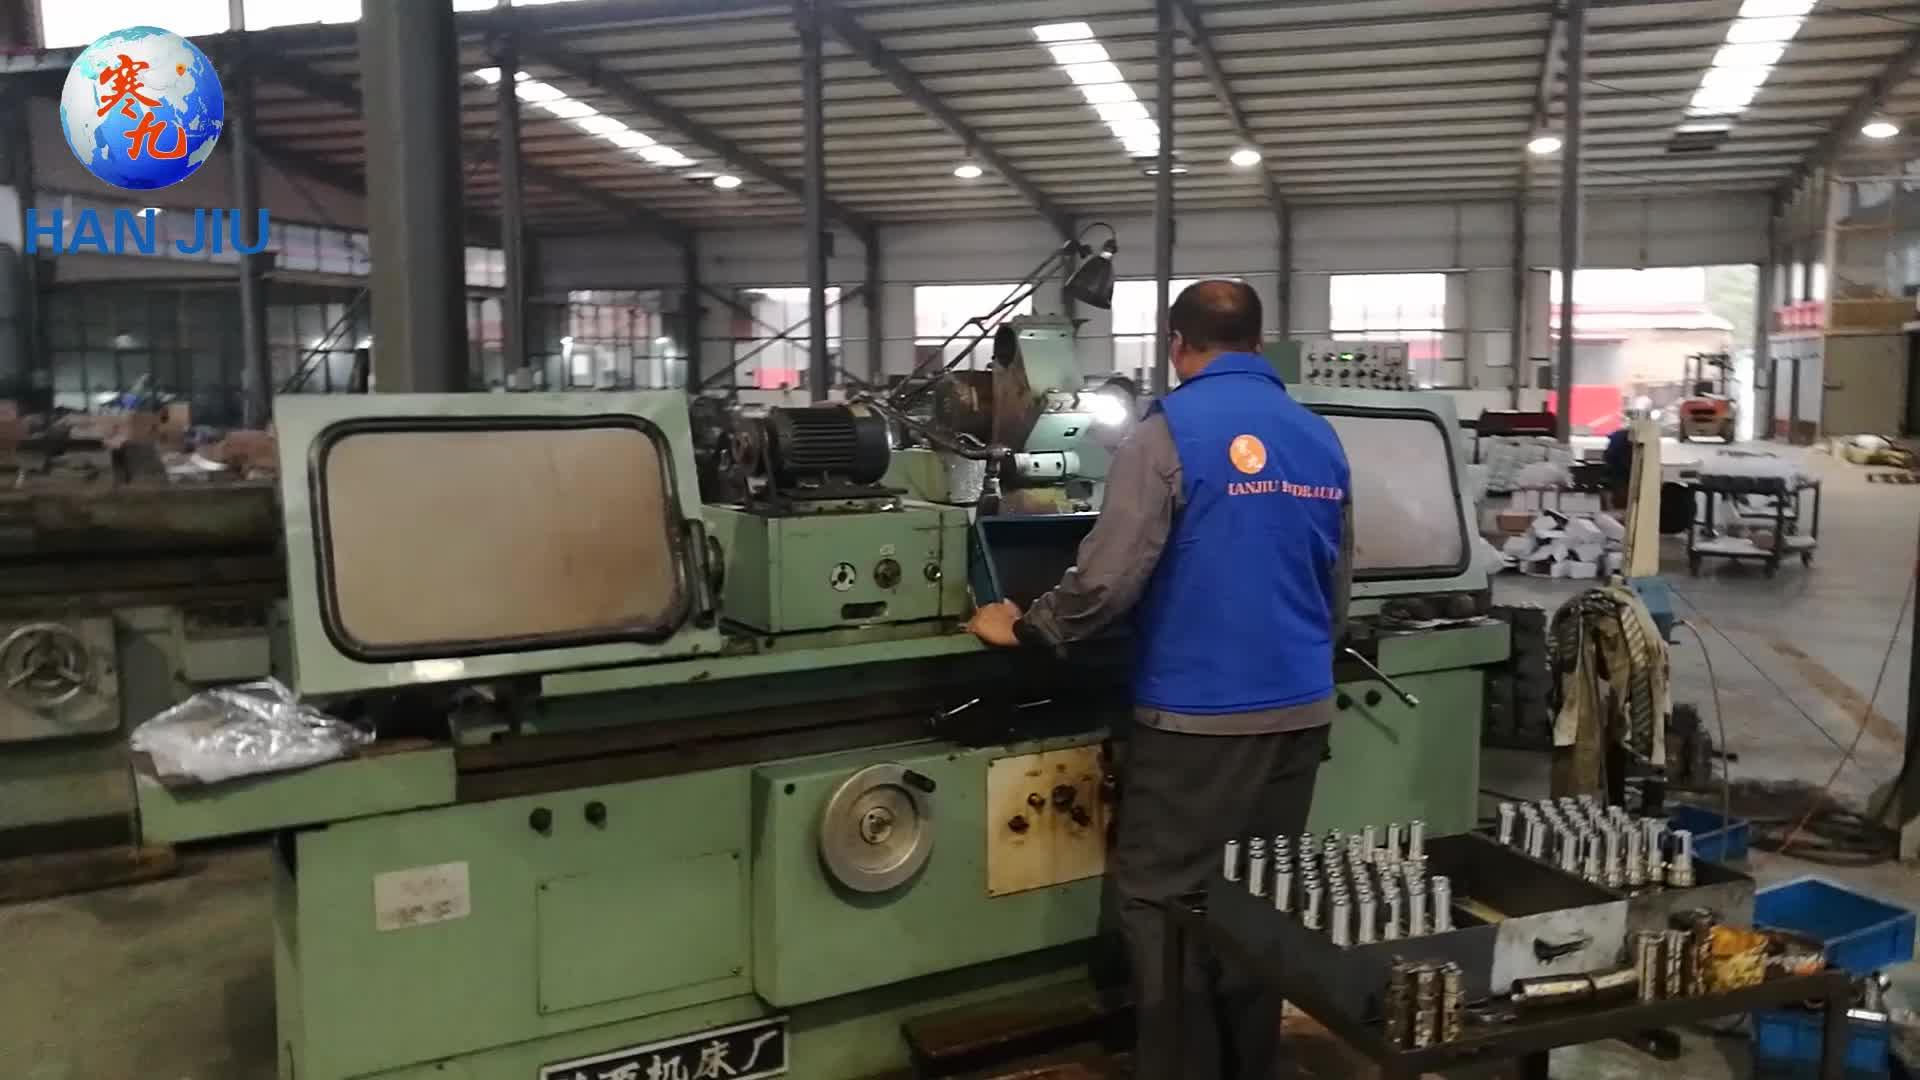 Hidrolik Pompa Gear Pompa Kinerja Tinggi Hidrolik Traktor Ford Pompa 15-20Mpa